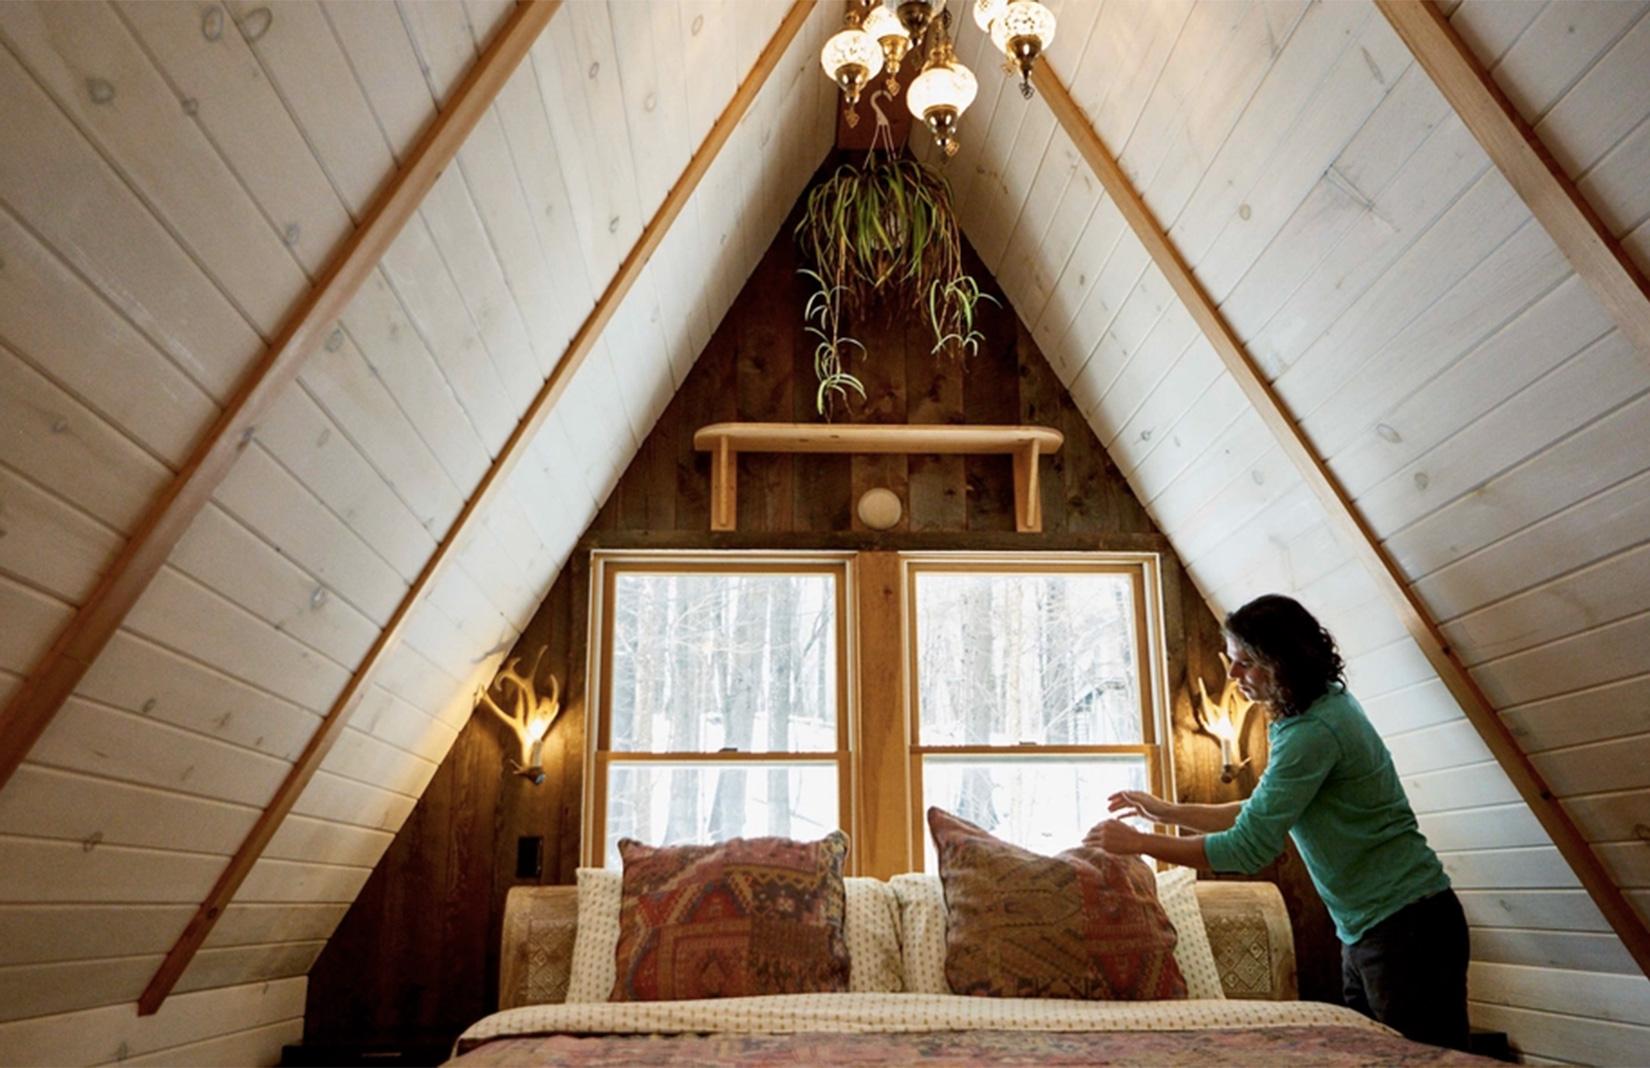 Airbnb là gì? Những điều cần biết trước khi trở thành khách hoặc chủ nhà 9